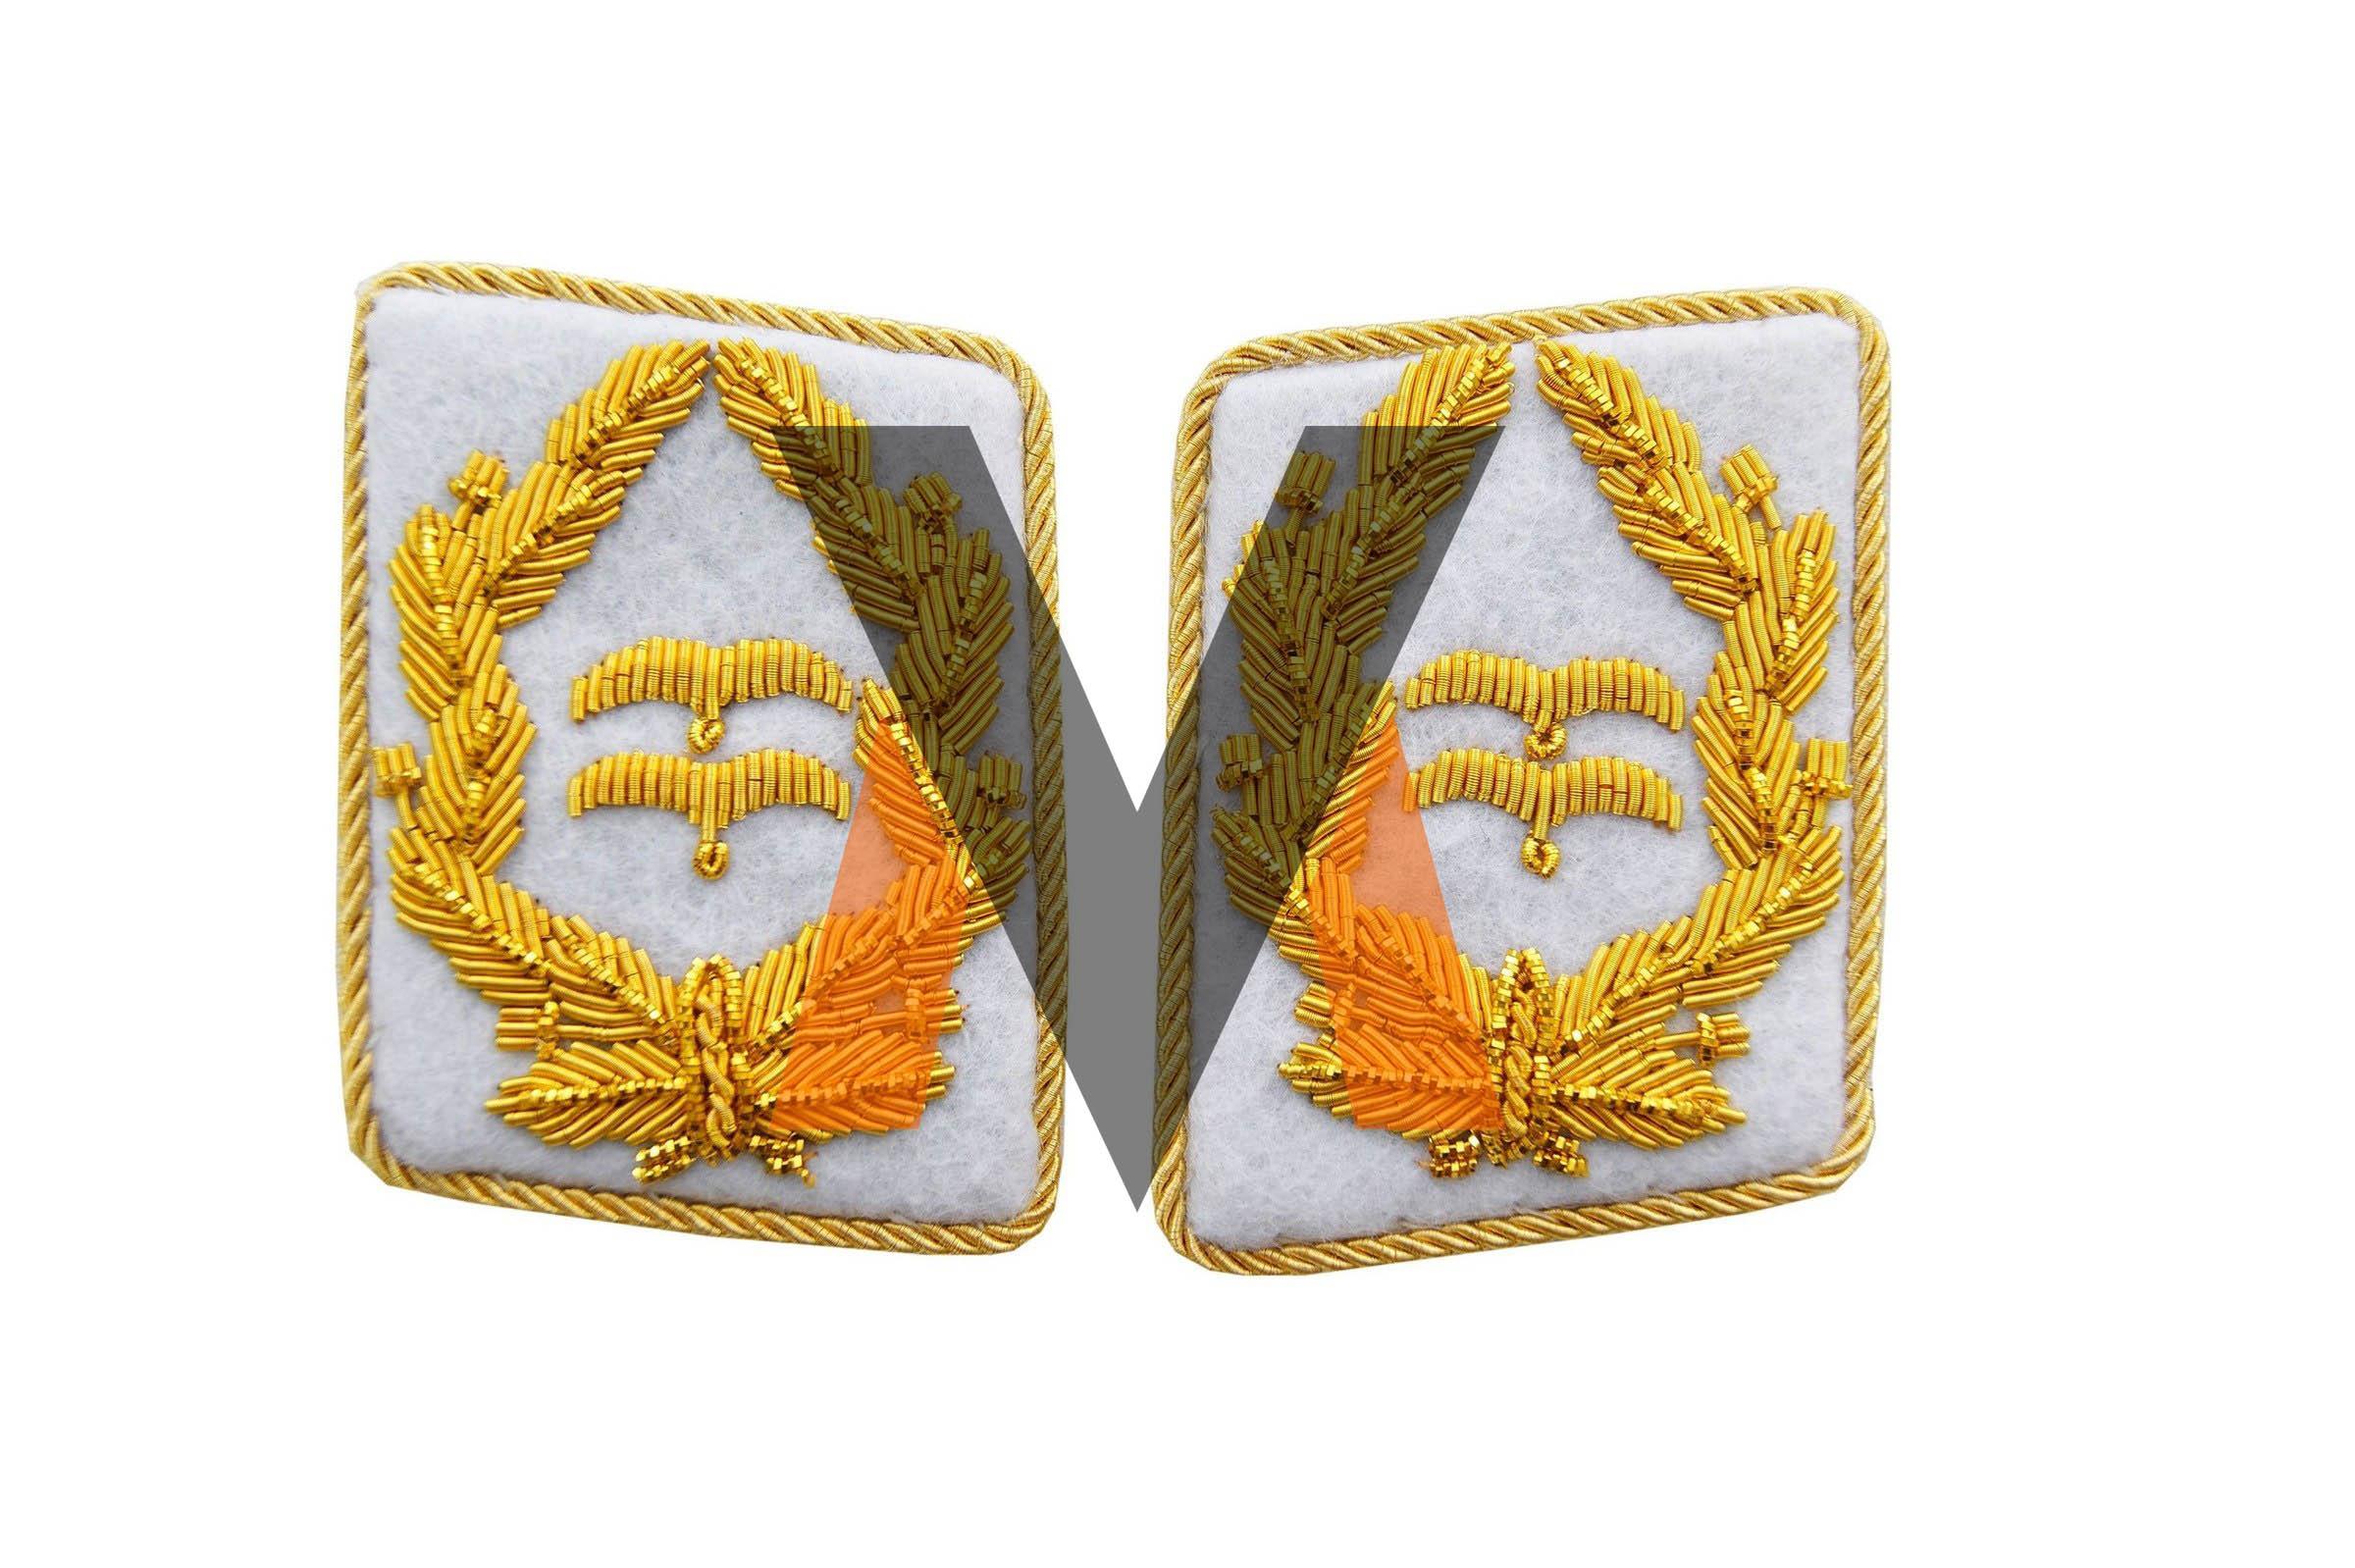 German WW2 Luftwaffe Generalleutnant collar tabs